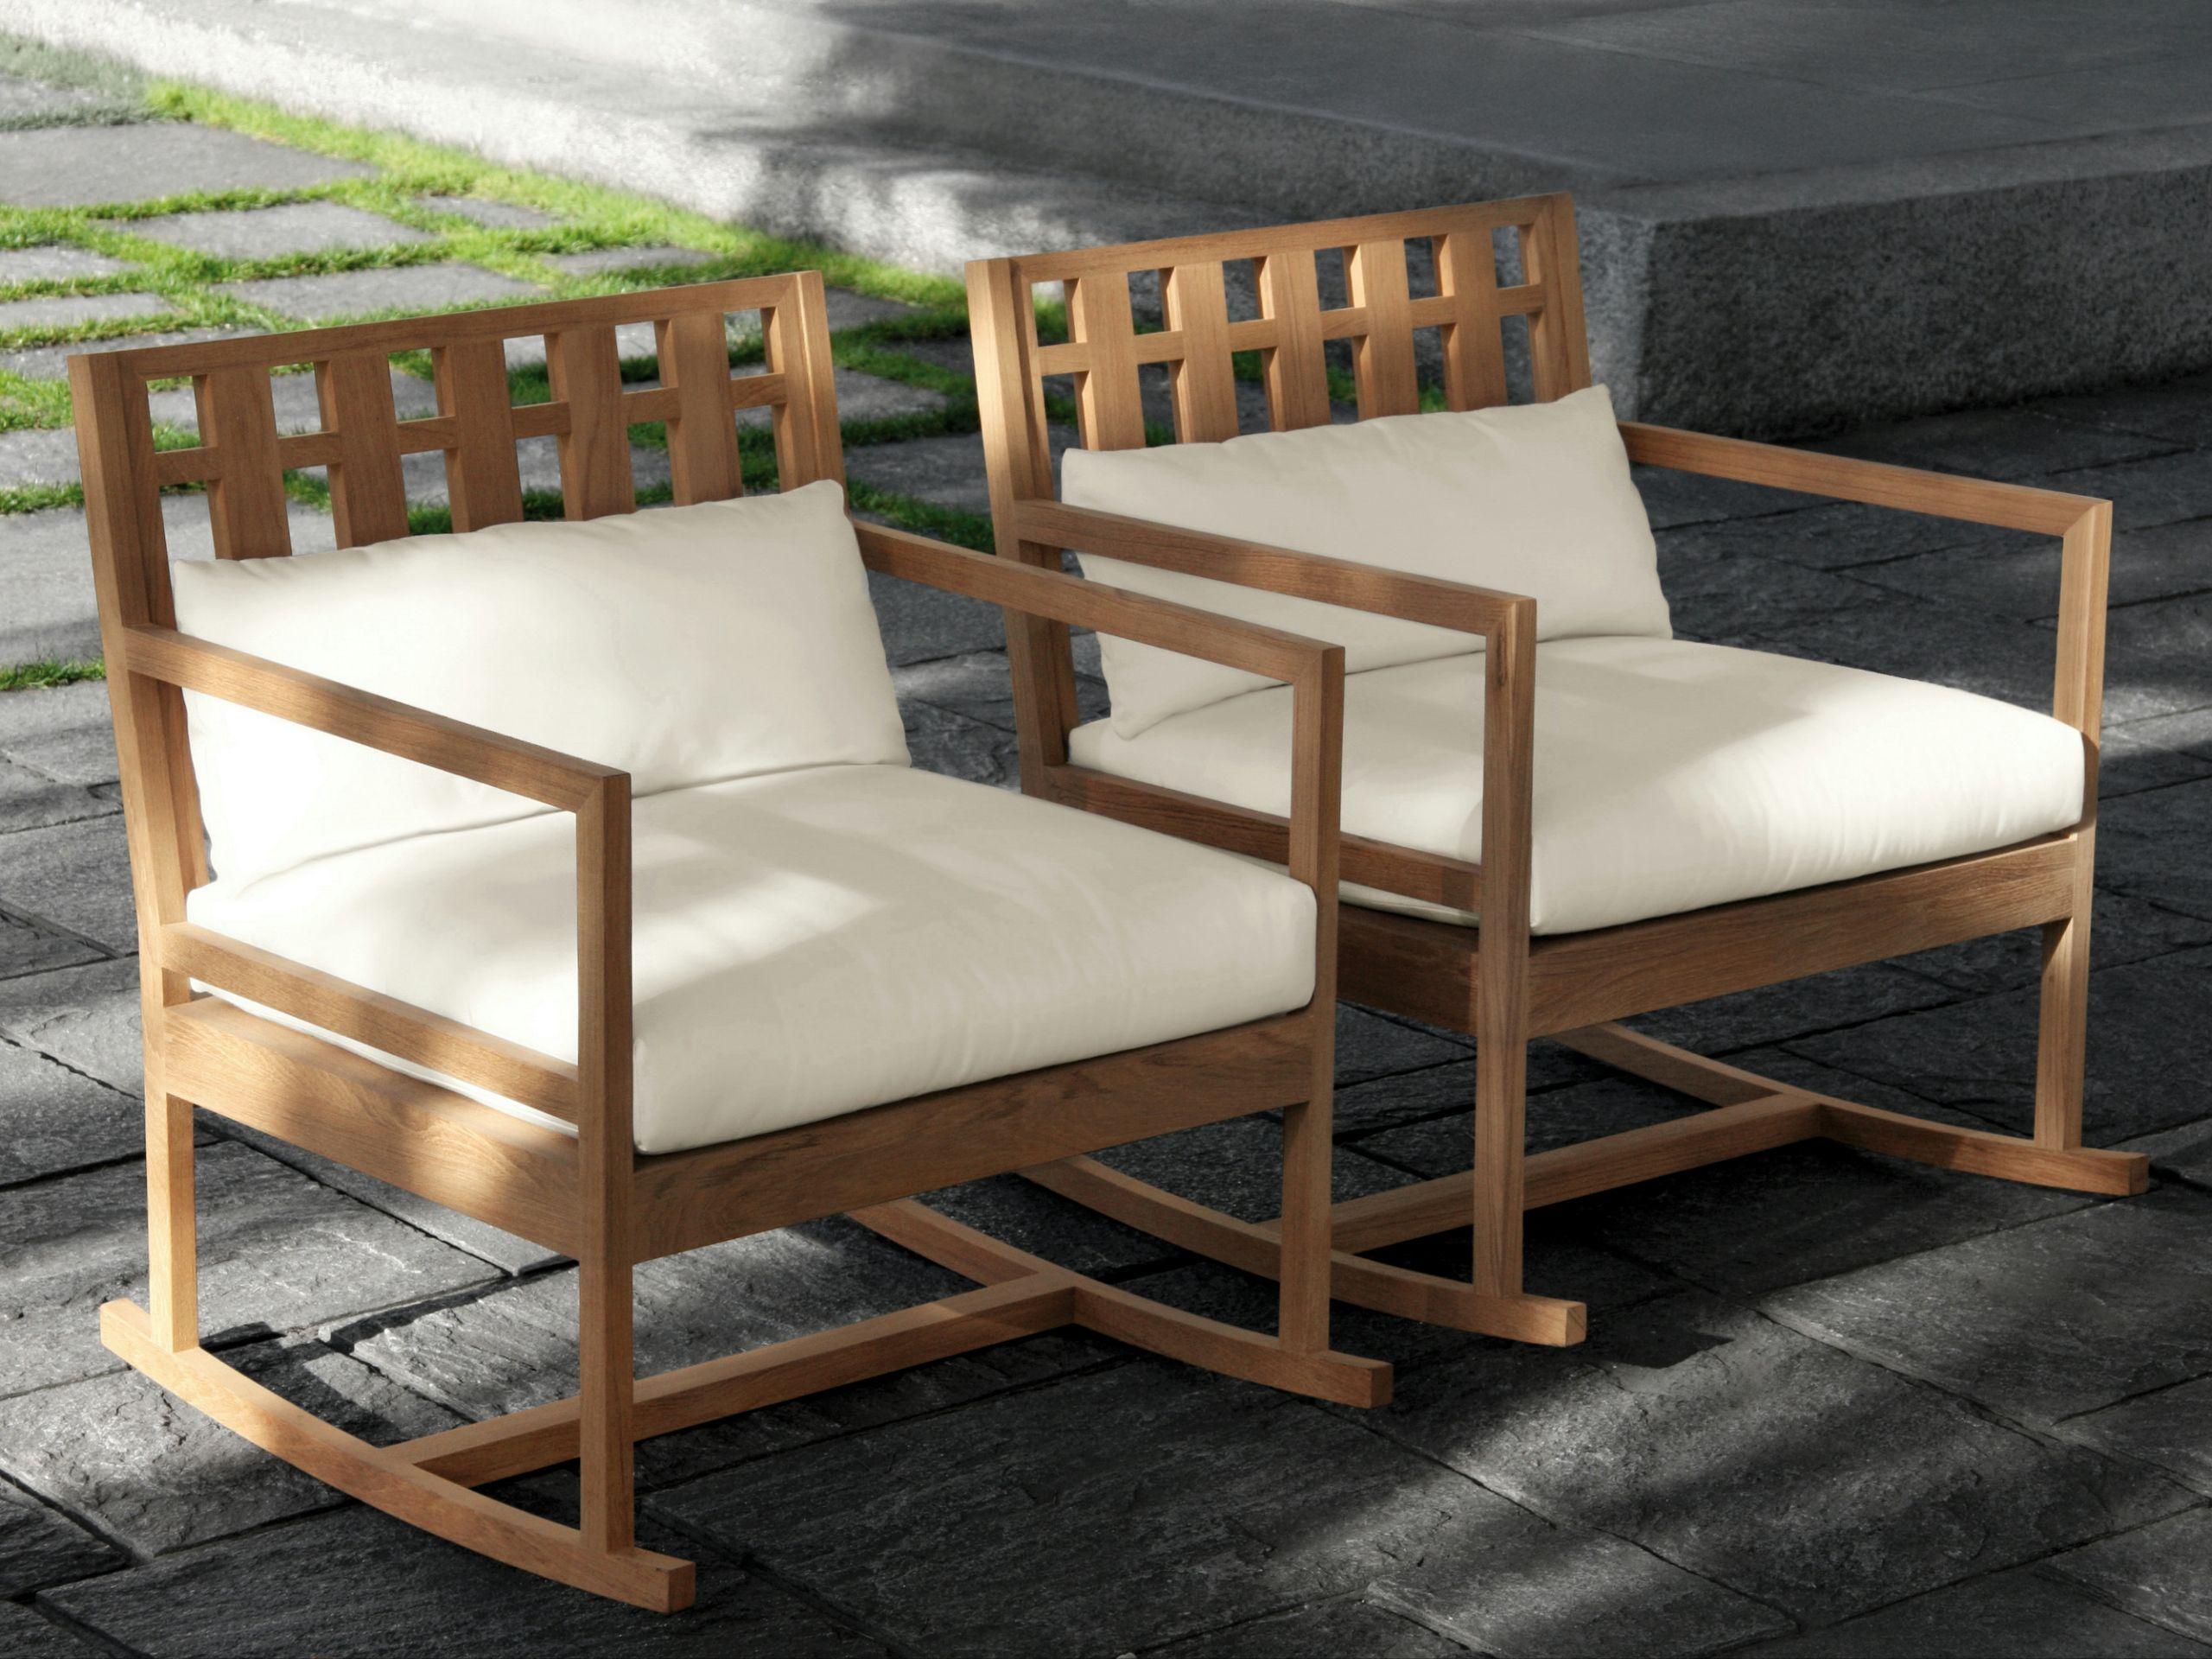 SQUARE Sedia A Dondolo By Meridiani Design Livia Pansera #664730 2560 1920 Sedia A Dondolo In Legno Ikea